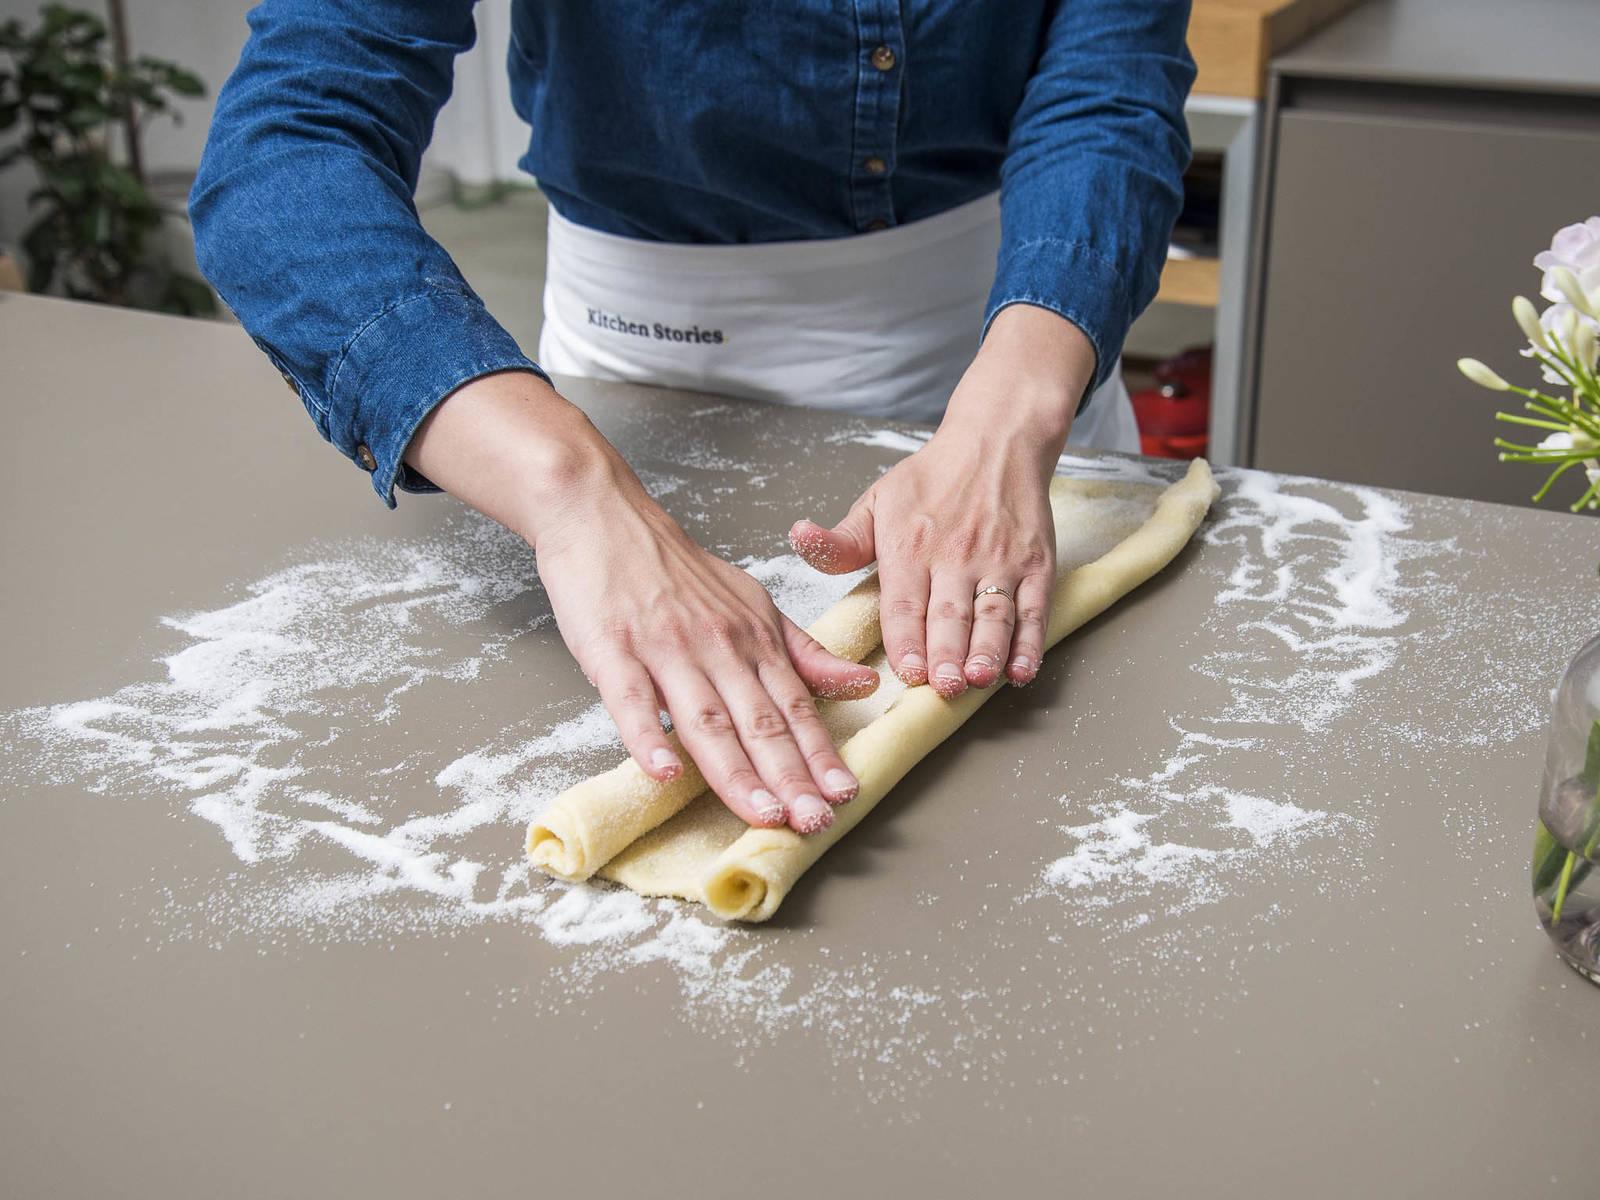 从酥皮长的一边将其紧实地卷起一半。换一边,再卷起一半,使两个卷面在中间相接。小心地沿着相接处压一压酥皮,以让其接得更紧一些。然后,用塑料膜裹好,冷藏30分钟。